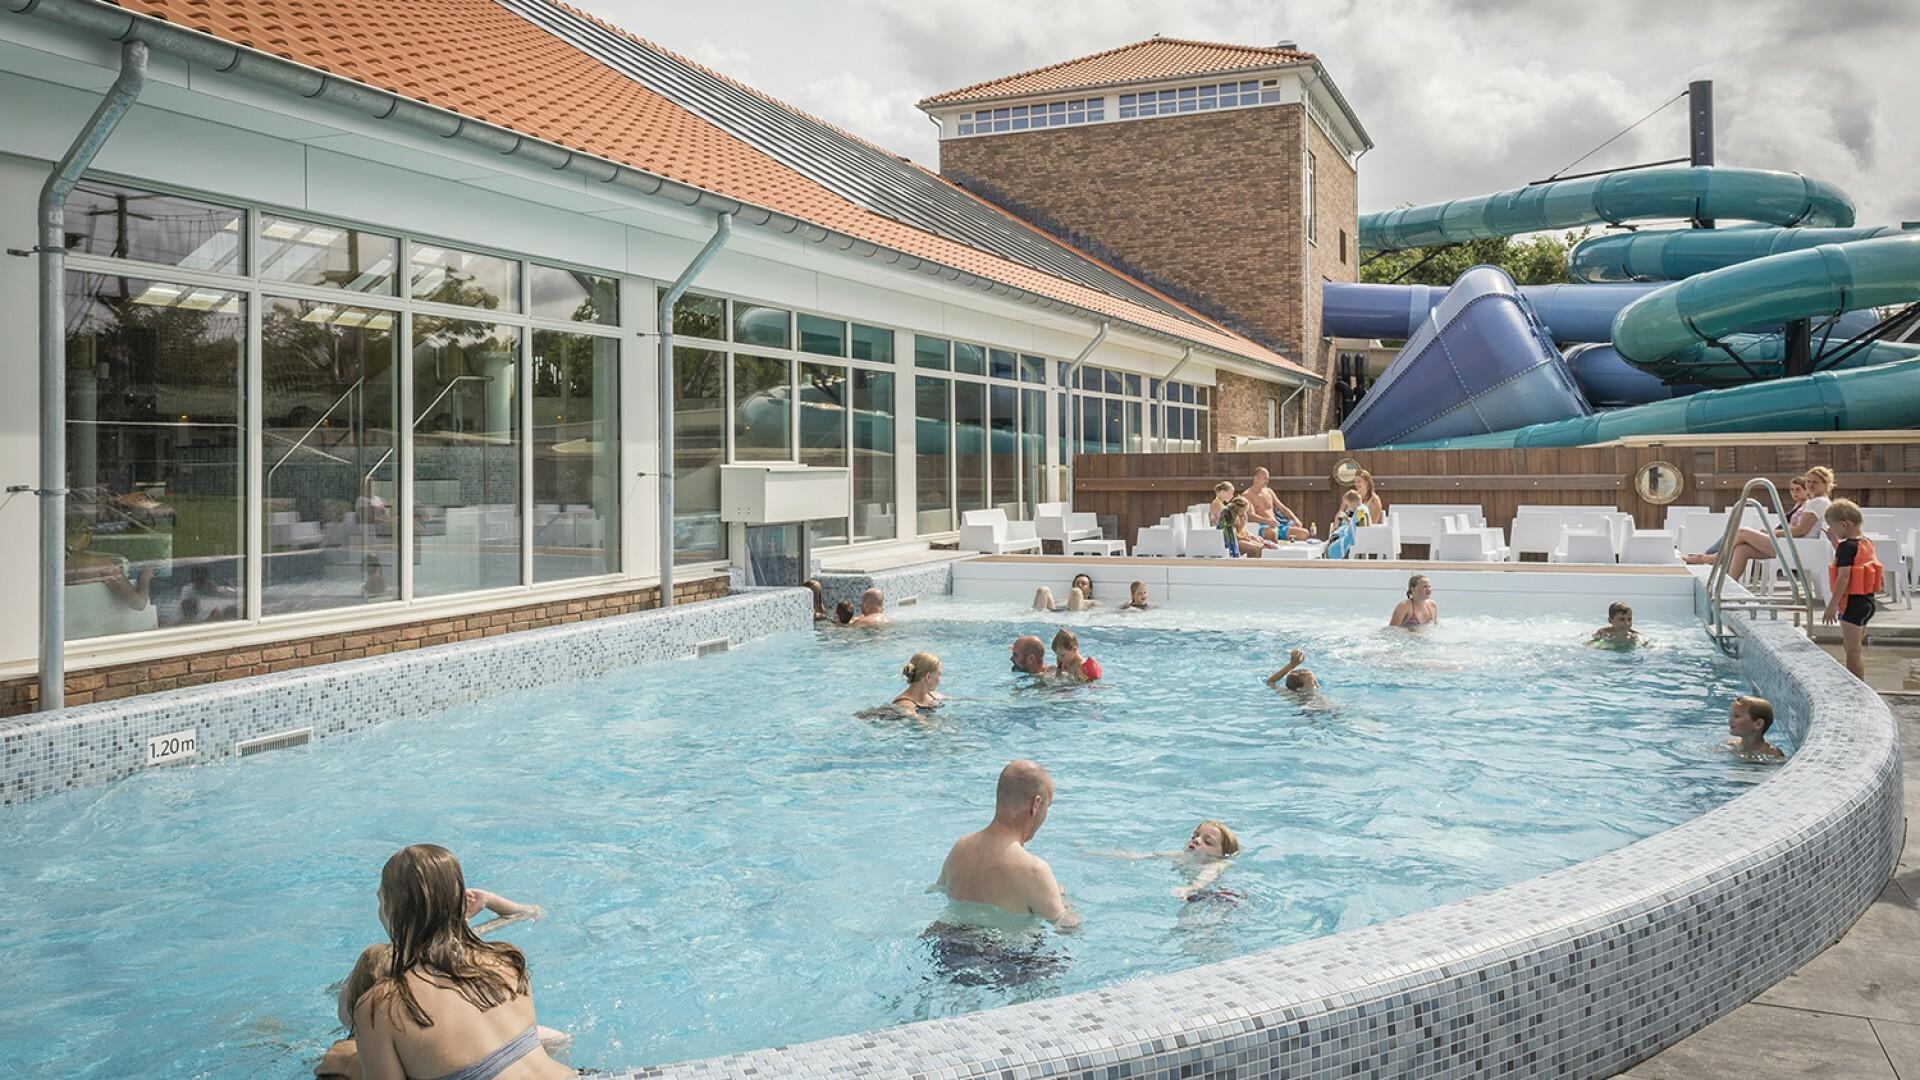 Buitenzwembad op Vakantiepark De Krim VVV Texel